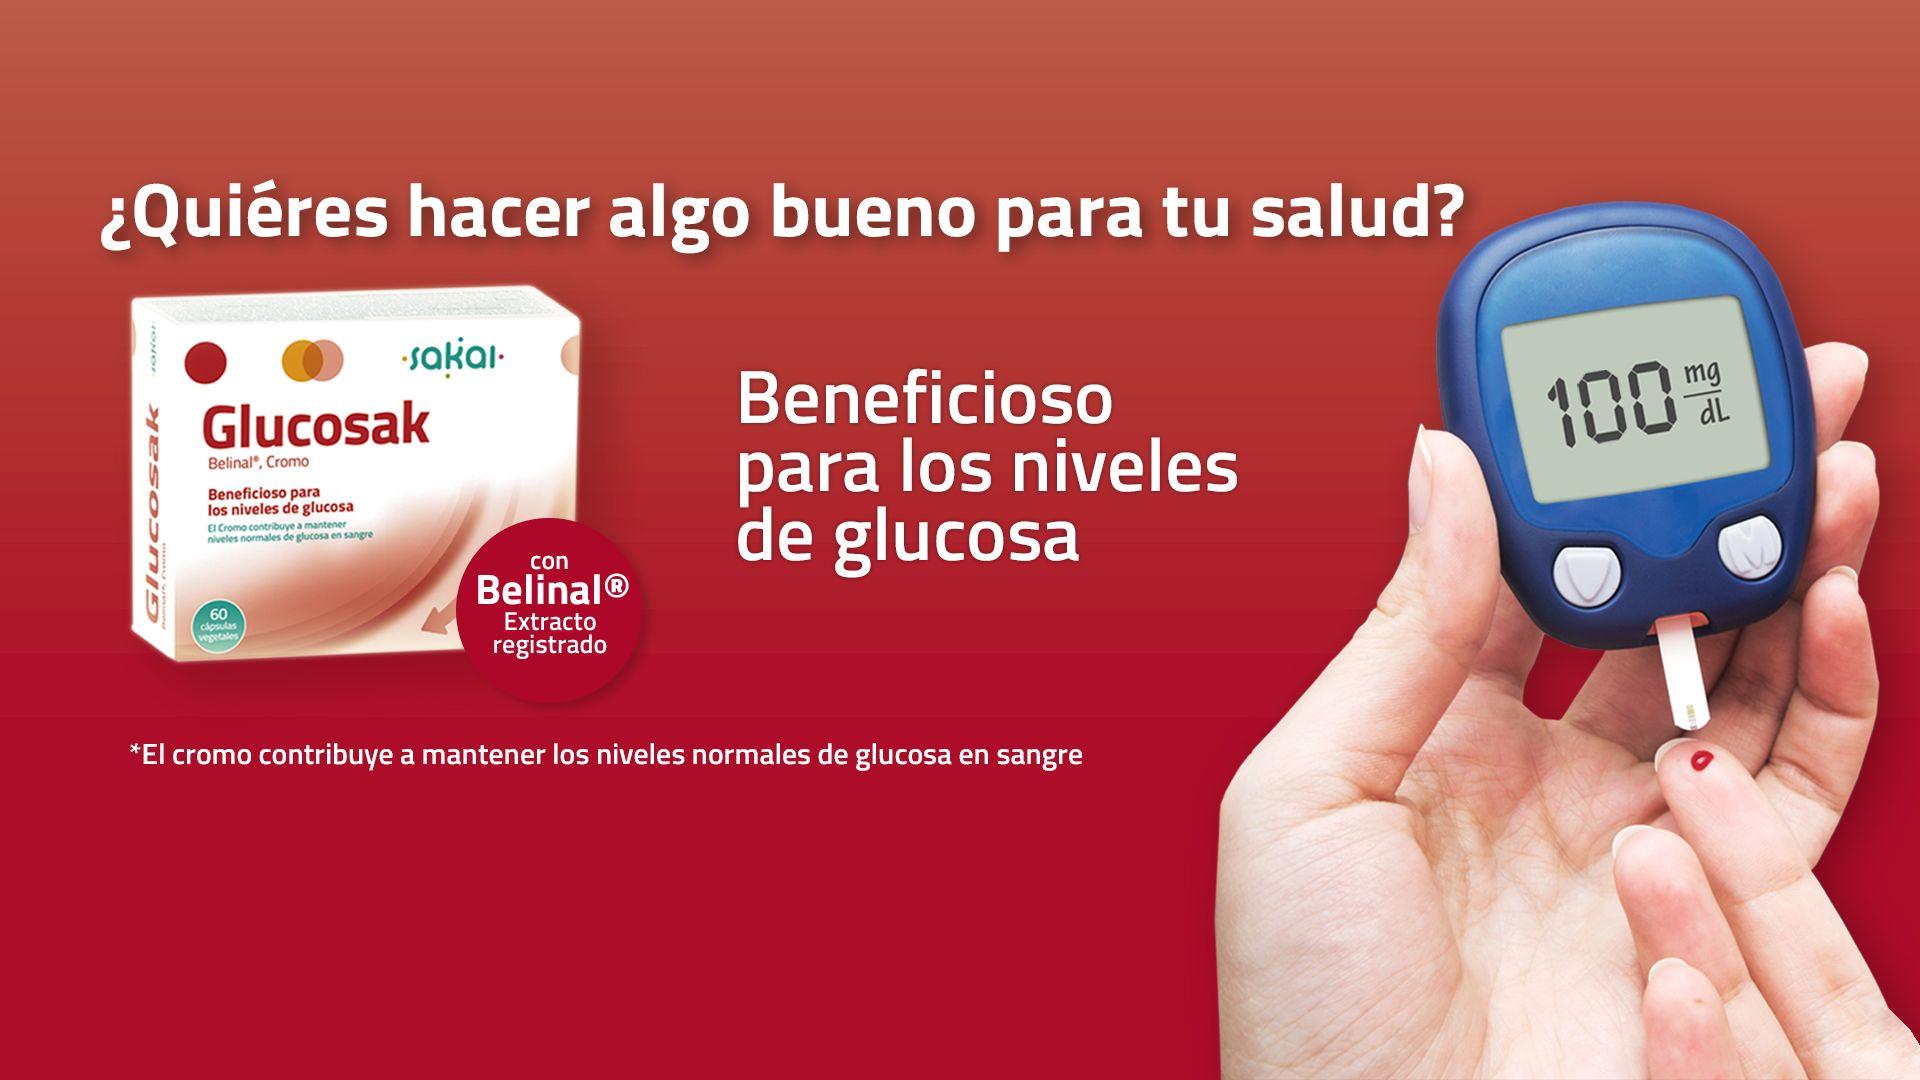 Glucosak - Beneficioso para los niveles de glucosa